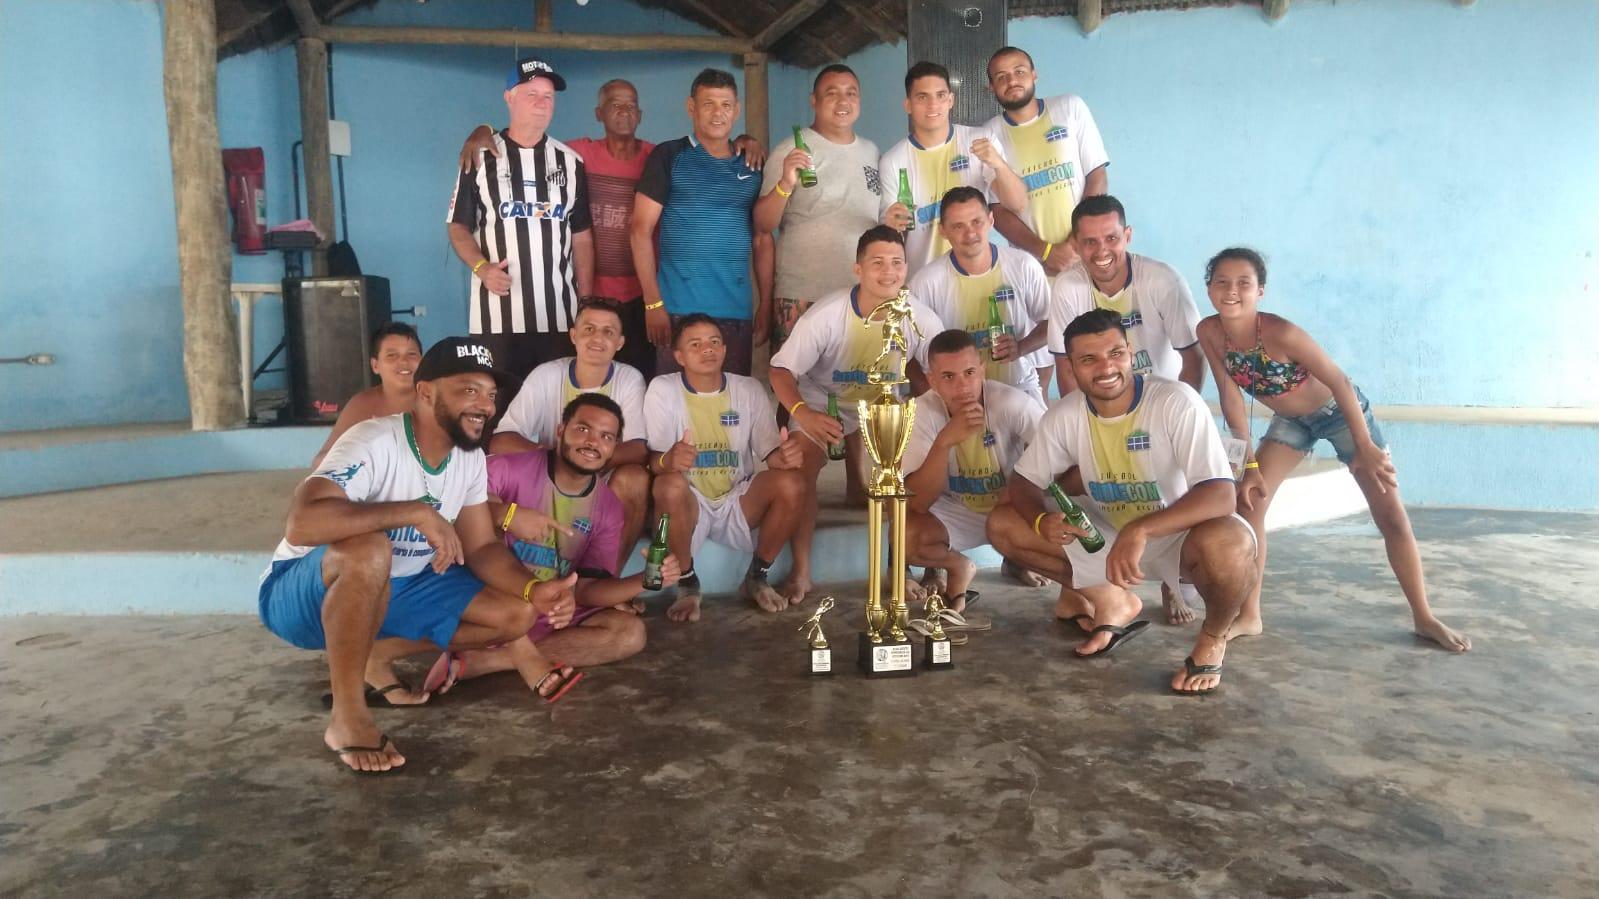 Siticecom venceu Jogos Operários da Federação